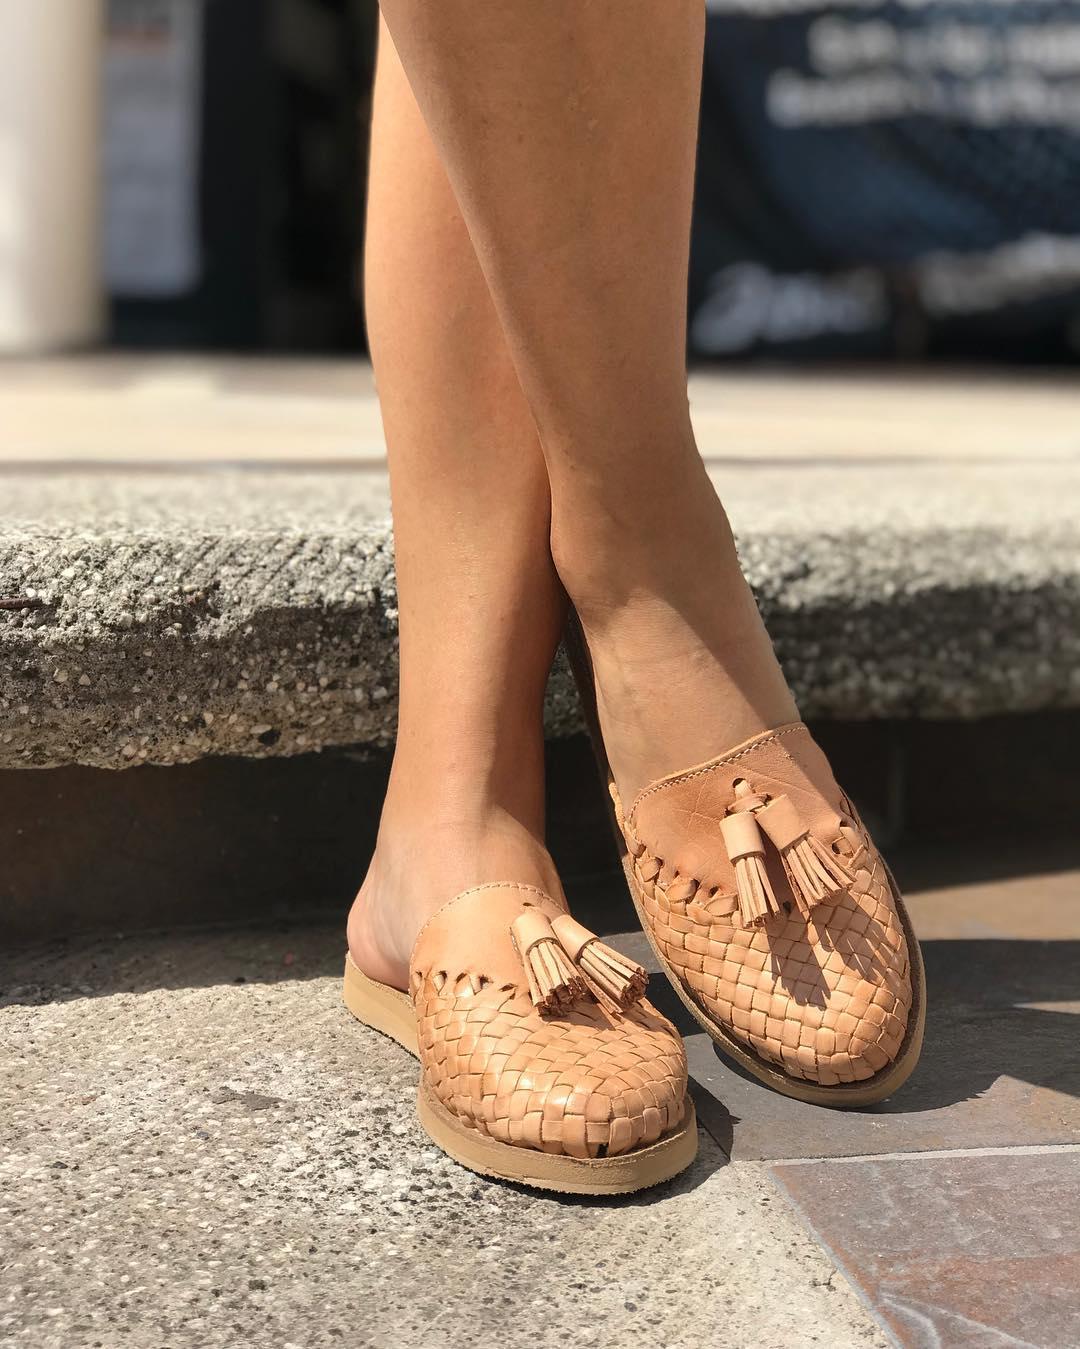 Shy's Zapatos Artesanales Calzado Y Piel De Huaraches dxthosQrCB